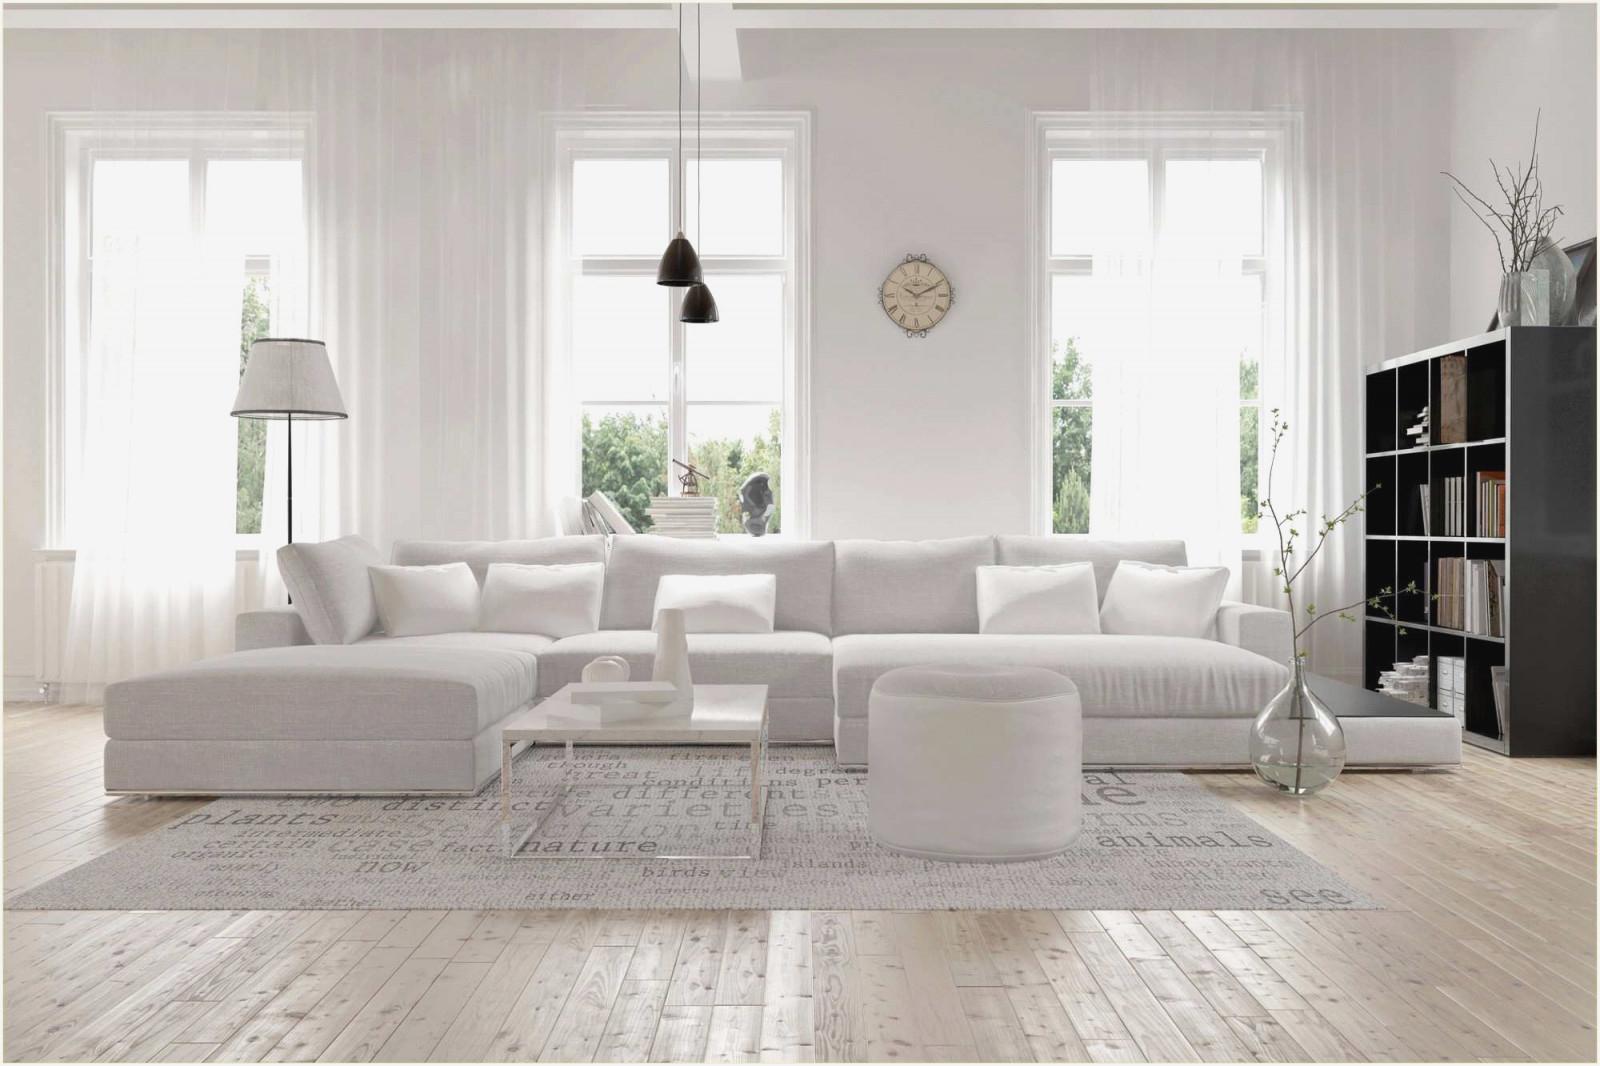 Kleines Wohnzimmer Gestalten Grau Weiss  Wohnzimmer von Wohnzimmer Einrichten Grau Weiß Photo